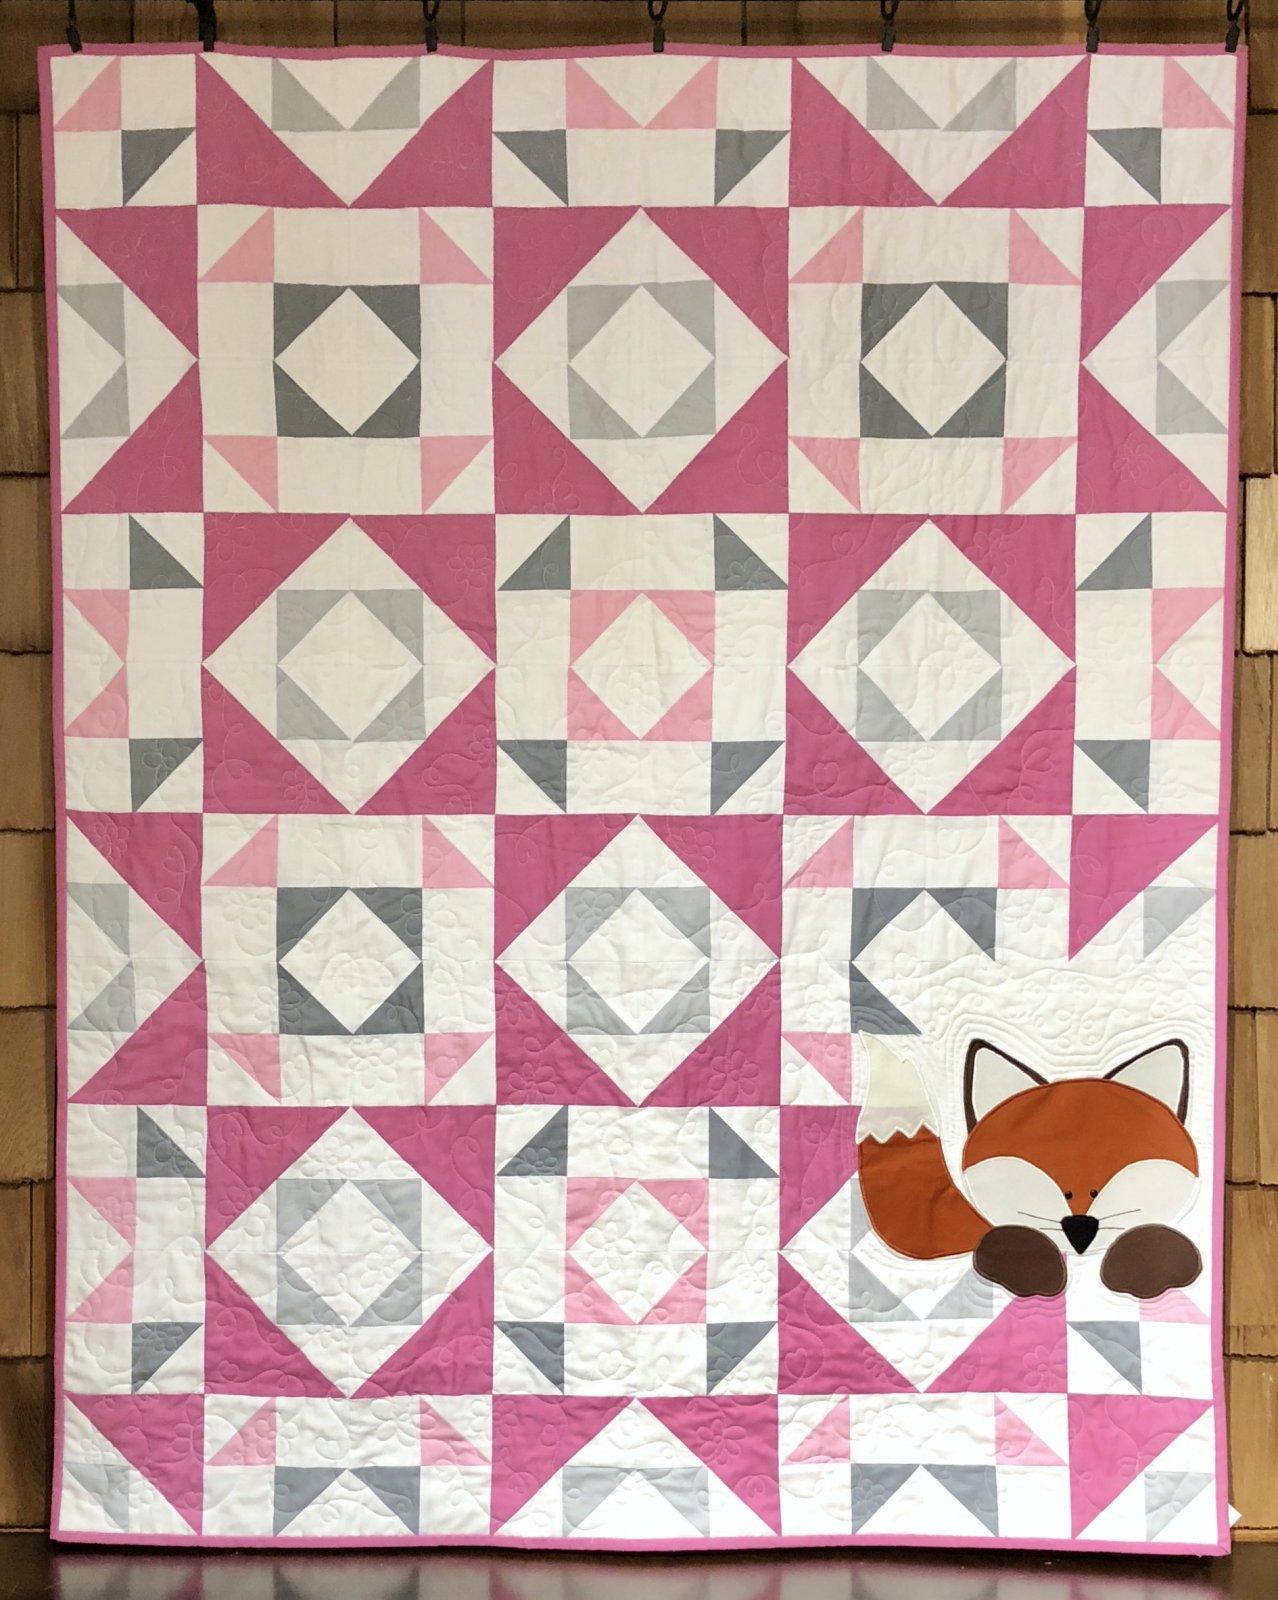 Little Fox Kit in Pink